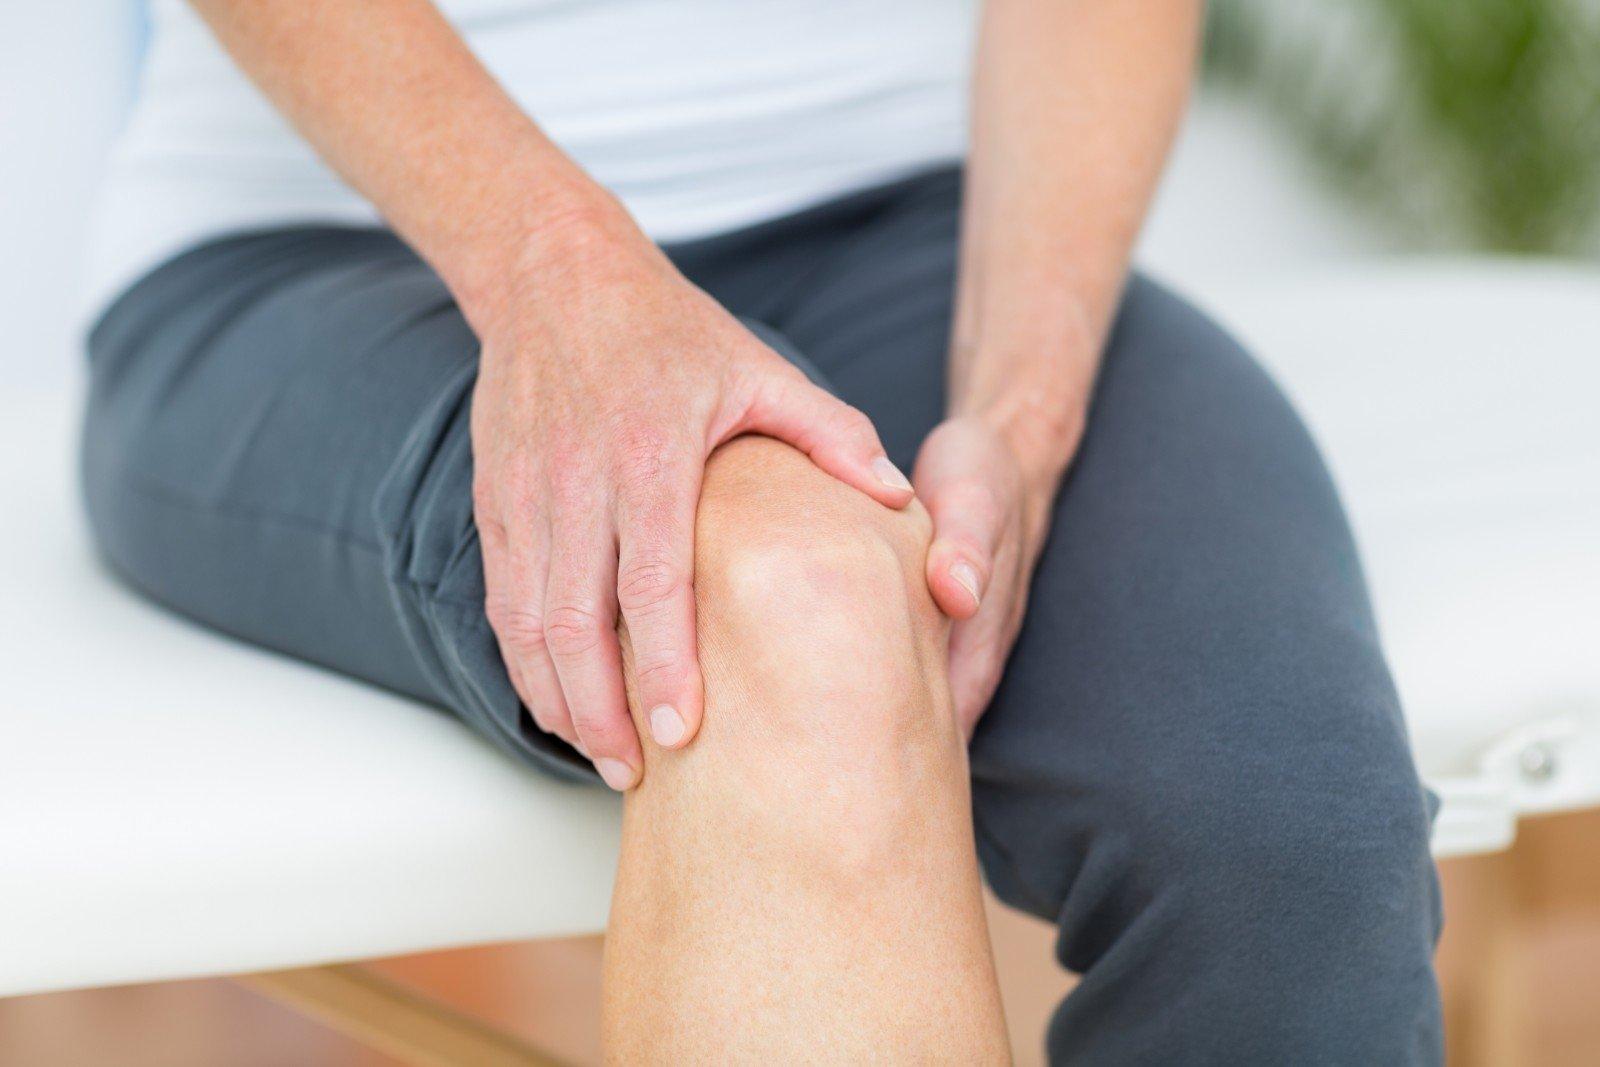 dilbio sąnarių aviliai būdų kaip gydyti artrozės ir artrito